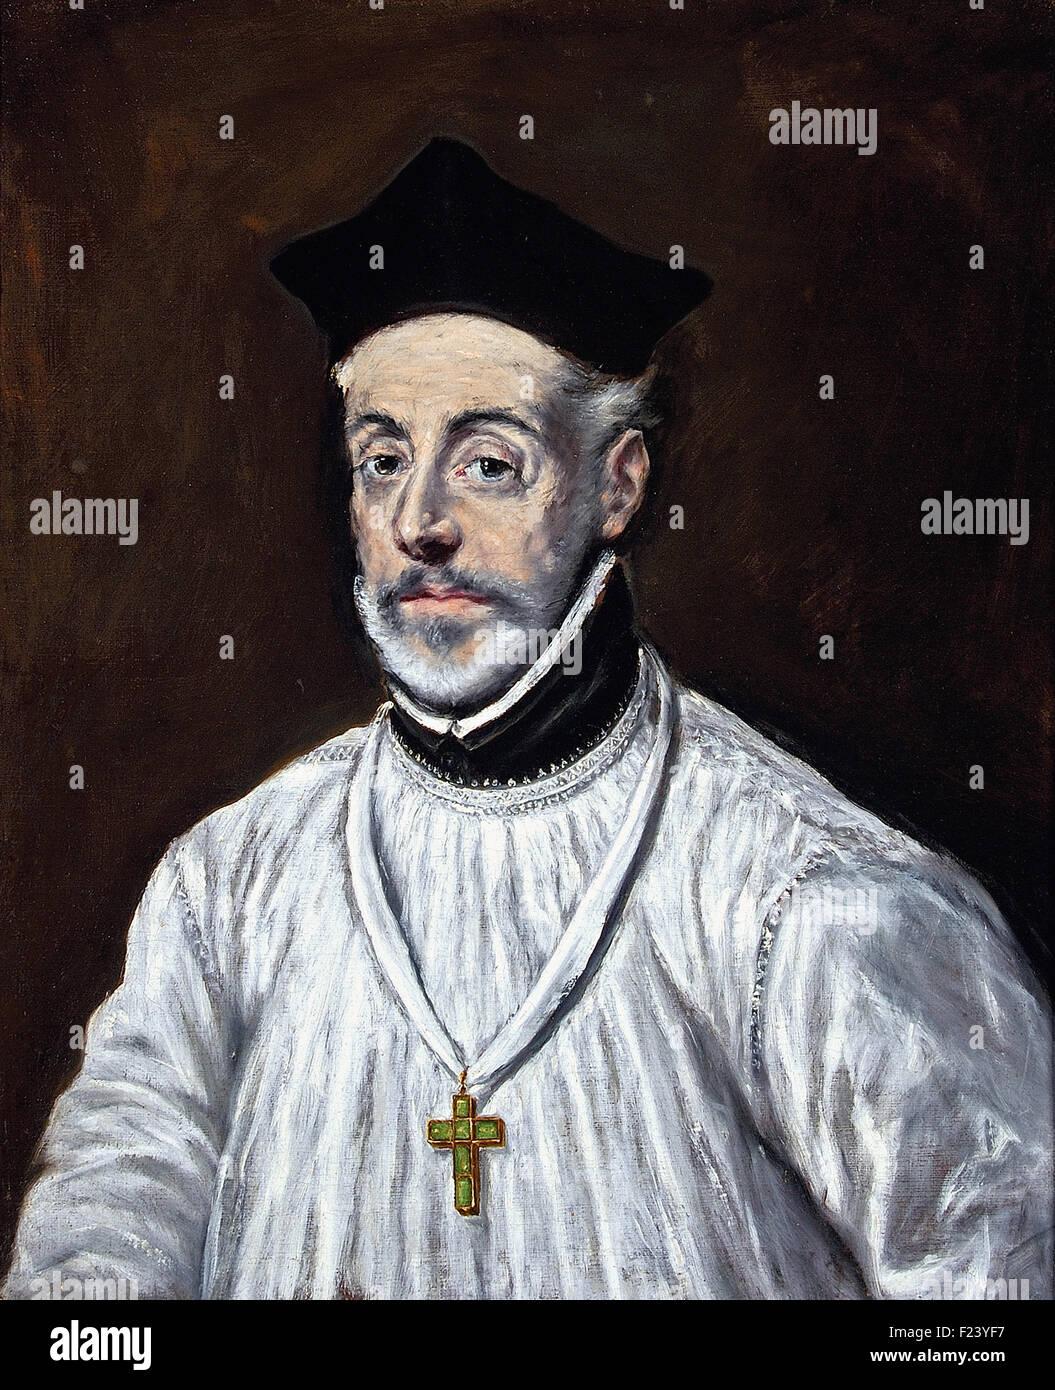 El Greco - Portrait of Diego de Covarrubias - Stock Image